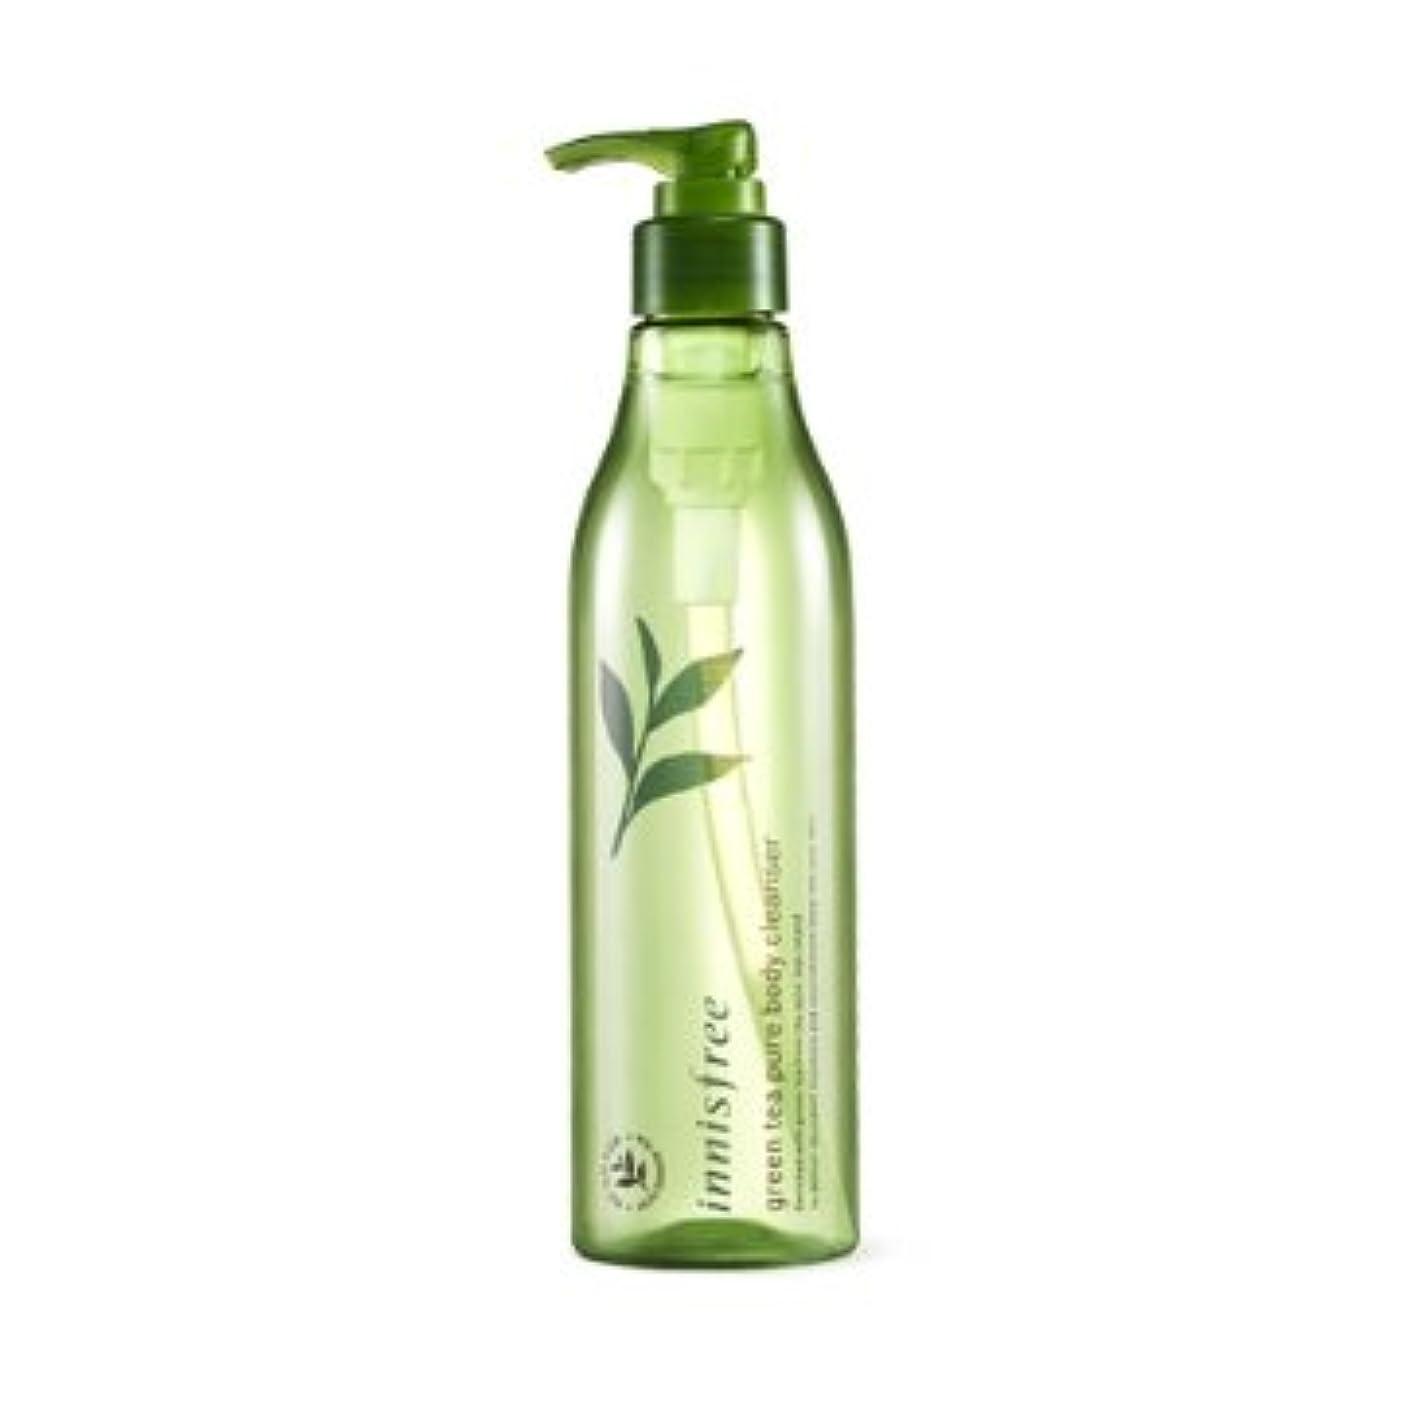 海洋天気フランクワースリー【イニスフリー】Innisfree green tea pure body cleanser - 300ml (韓国直送品) (SHOPPINGINSTAGRAM)